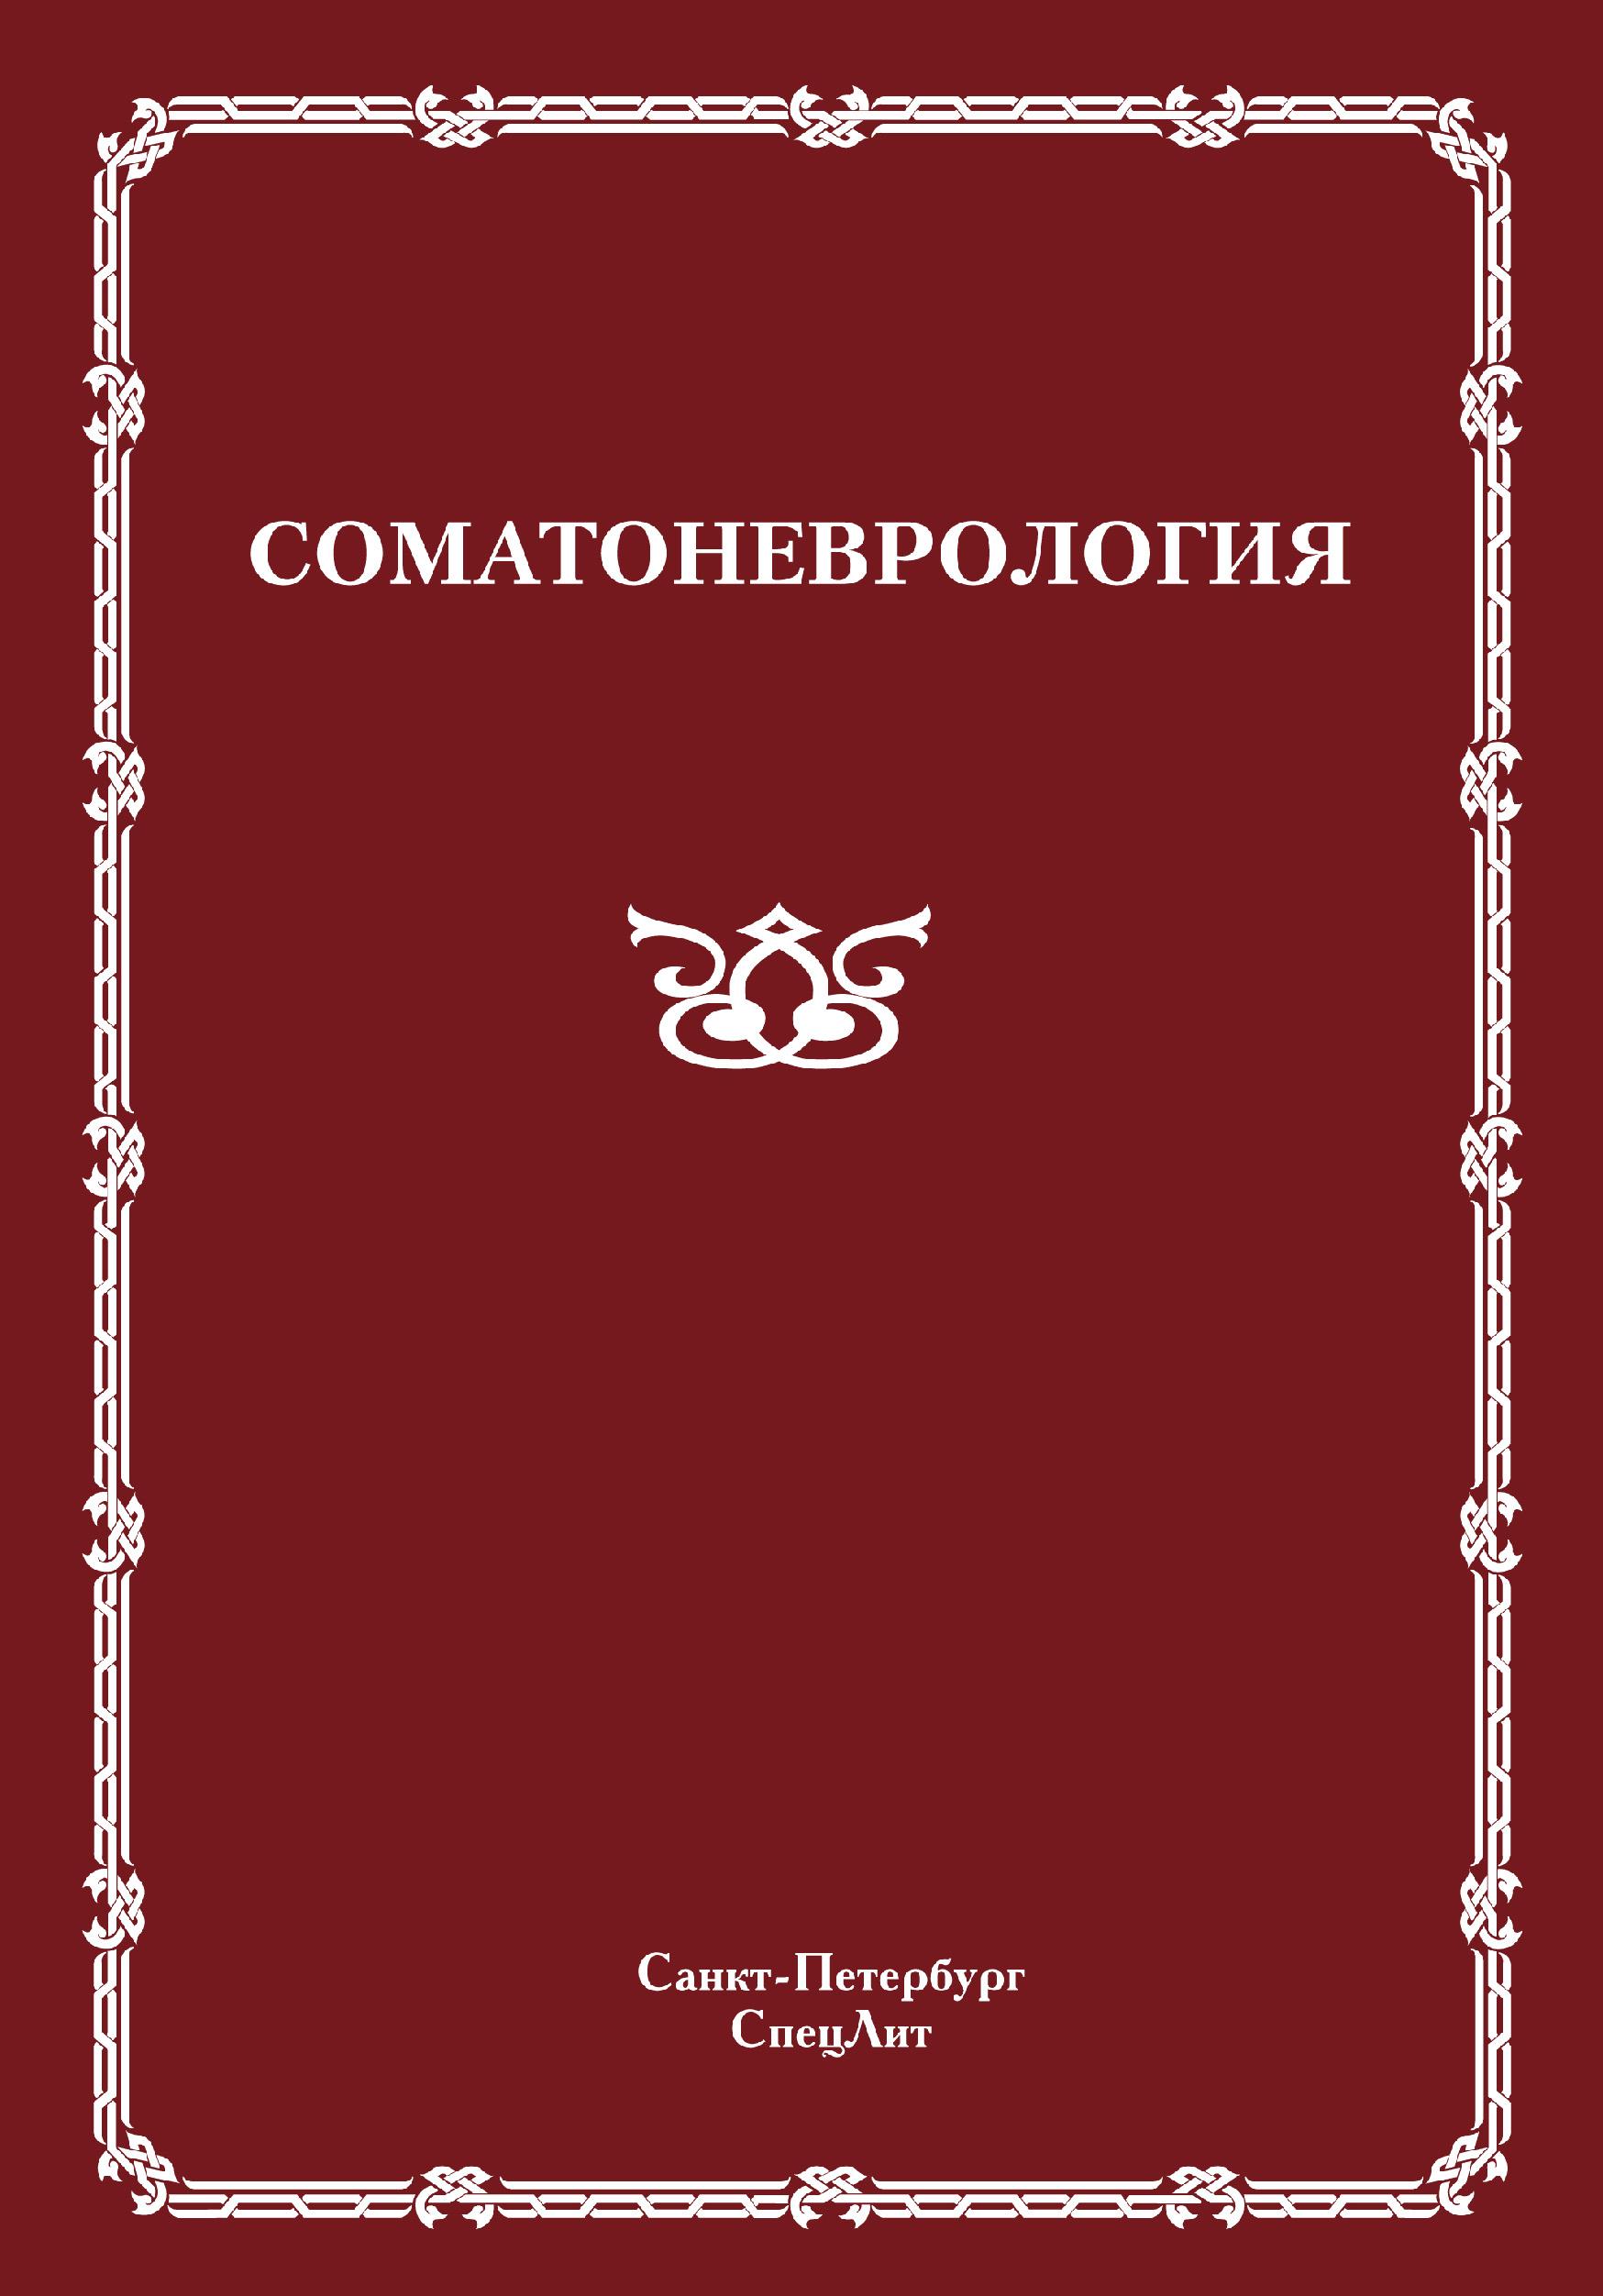 Коллектив авторов Соматоневрология ахмедов в а диагноз при заболеваниях внутренних органов